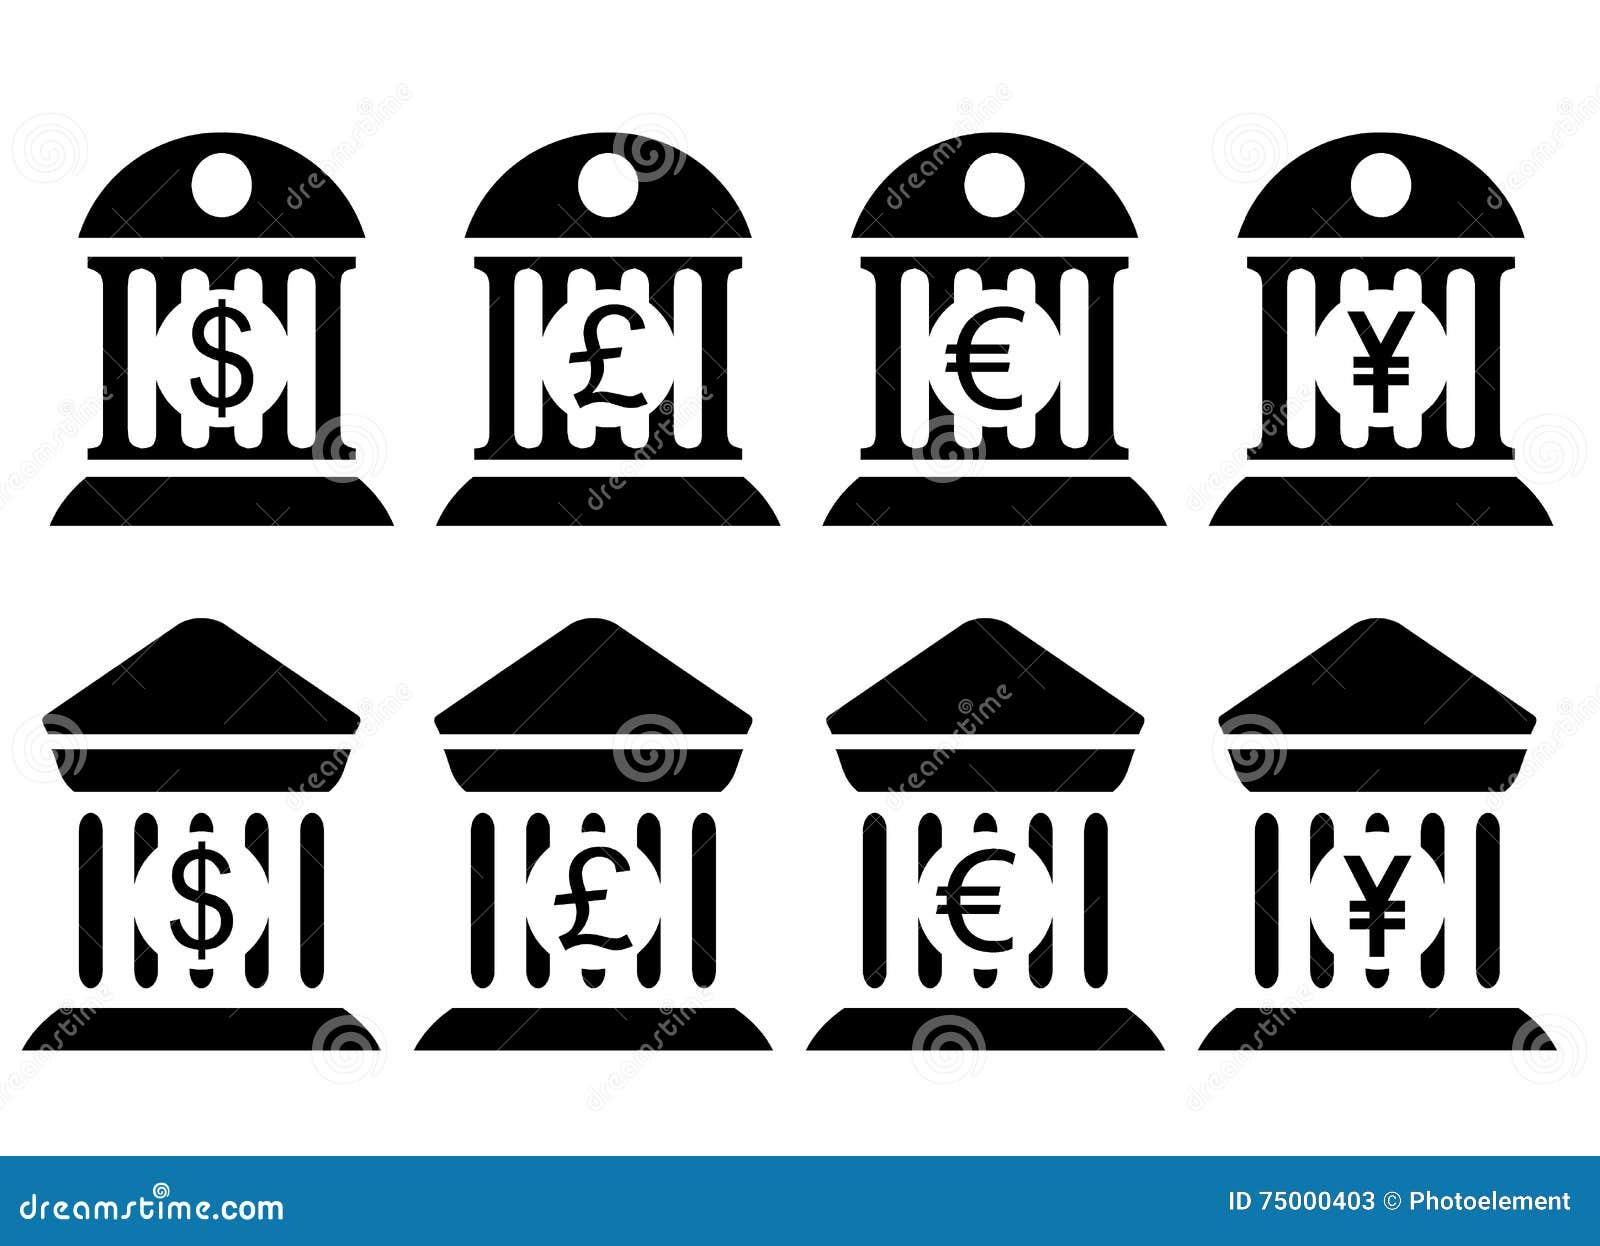 Banktransacties met muntrisico